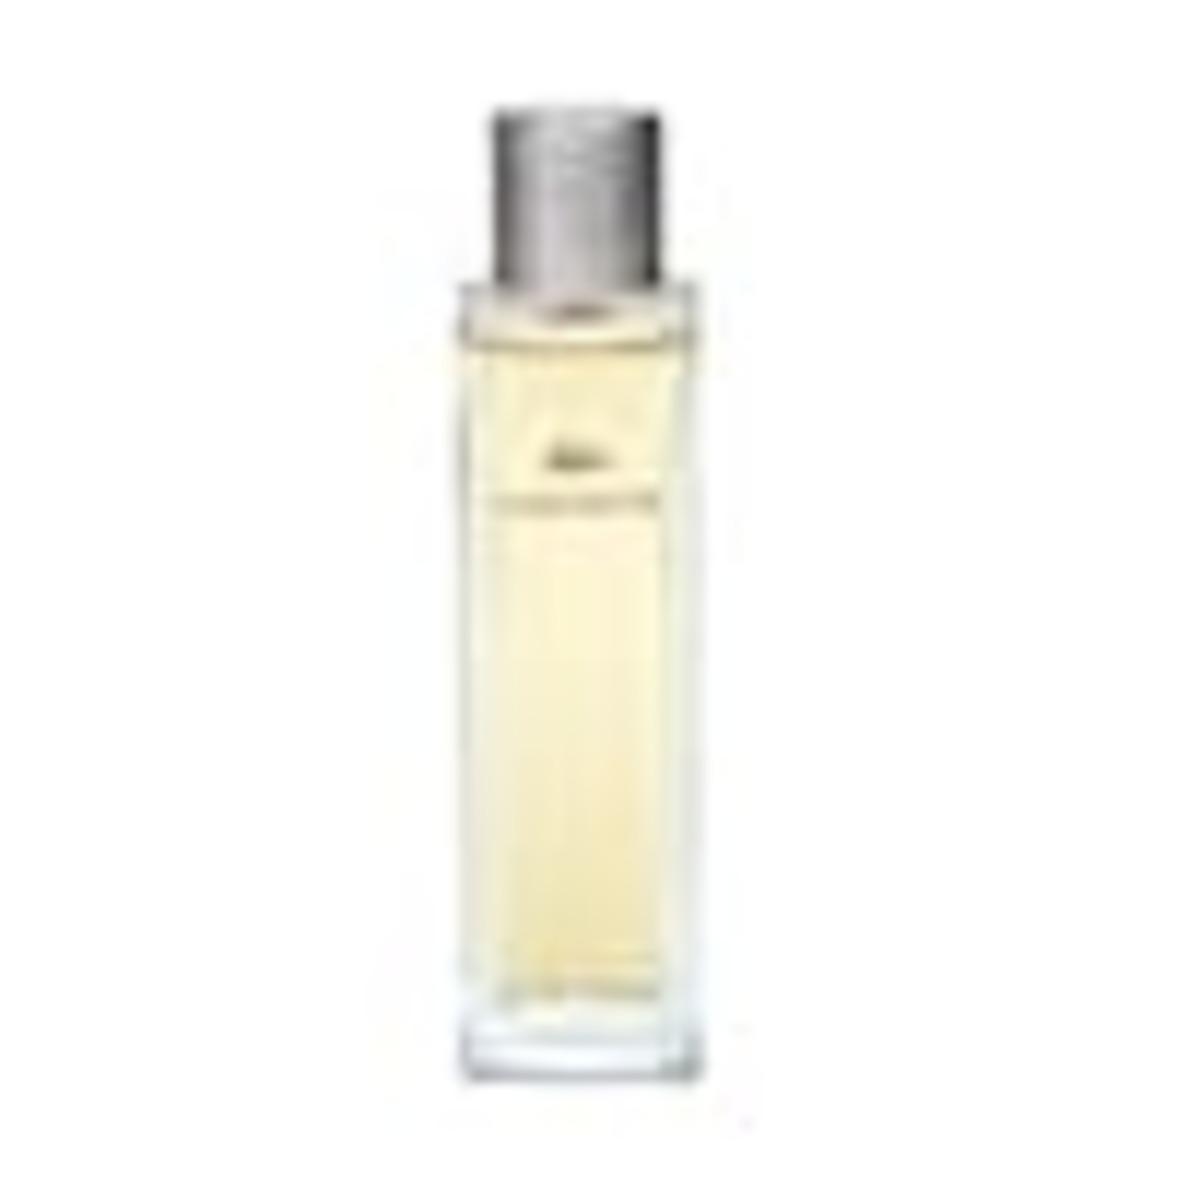 Bild 1 von Lacoste Lacoste Pour Femme  Eau de Parfum (EdP) 90.0 ml